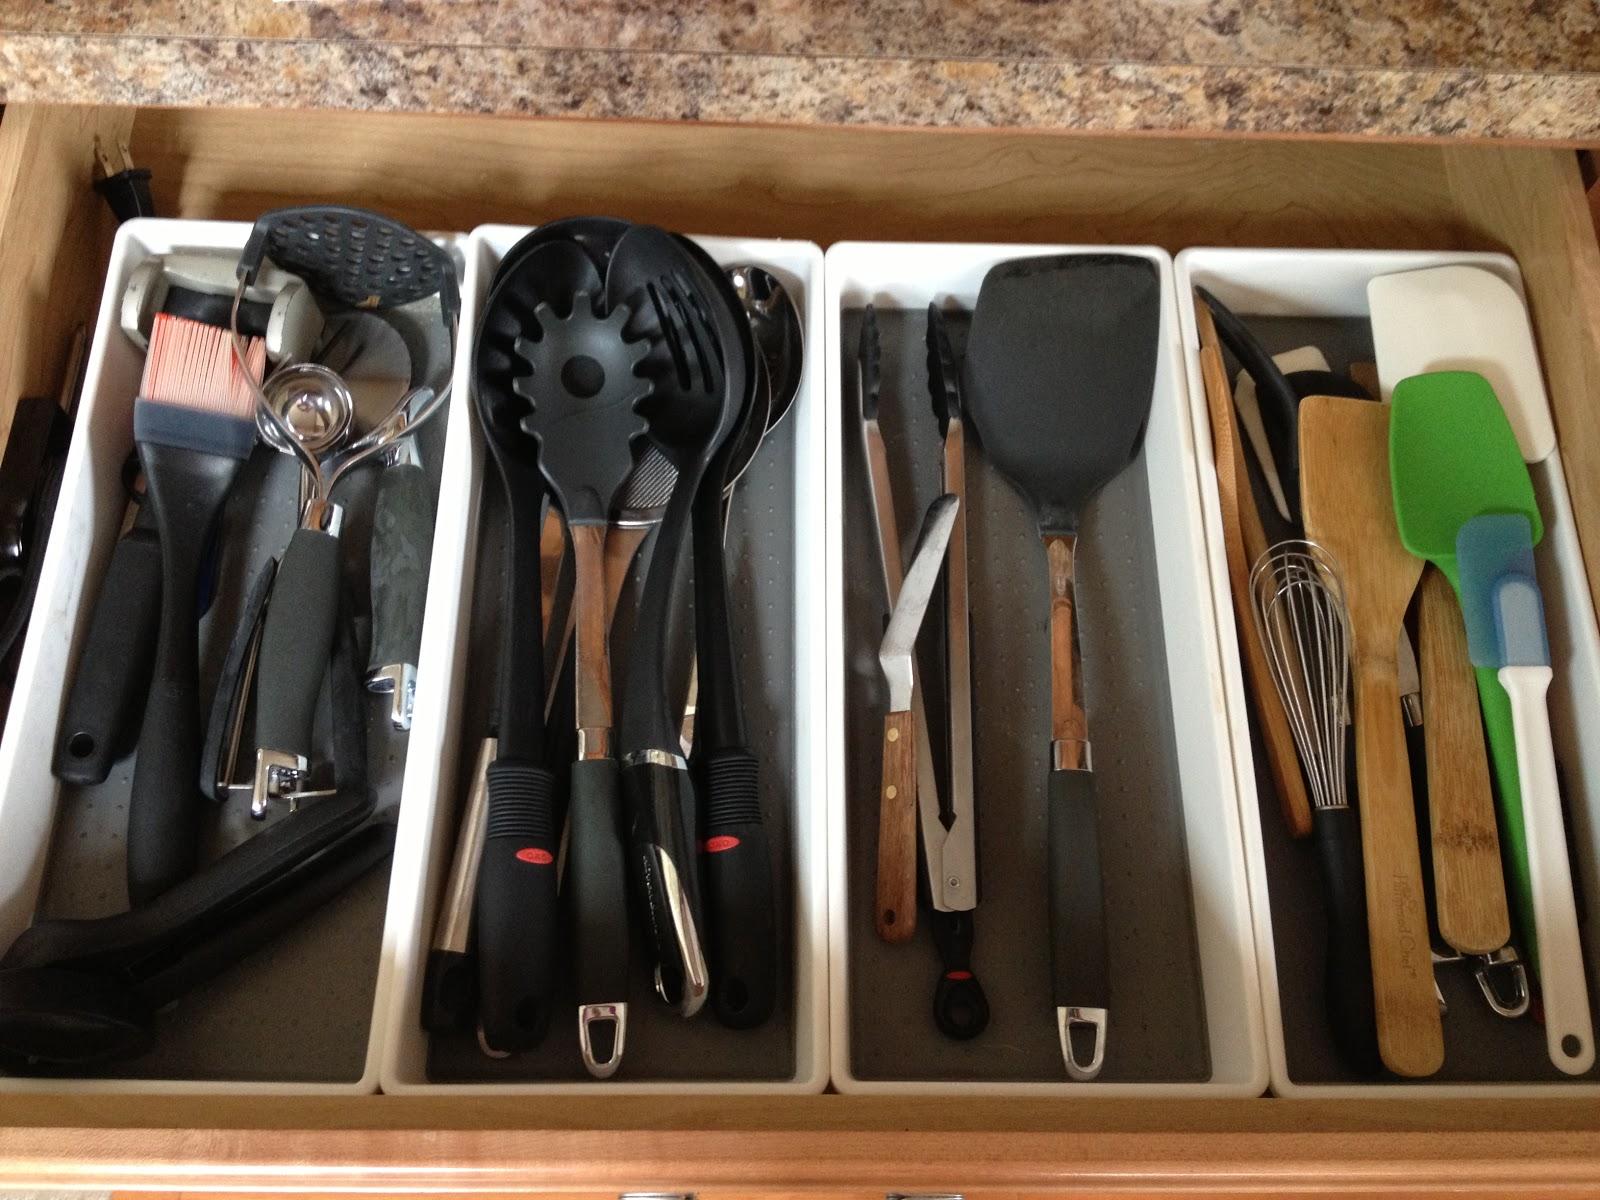 ocdelightful kitchen utensil and gadget organization kitchen utensil and gadget organization